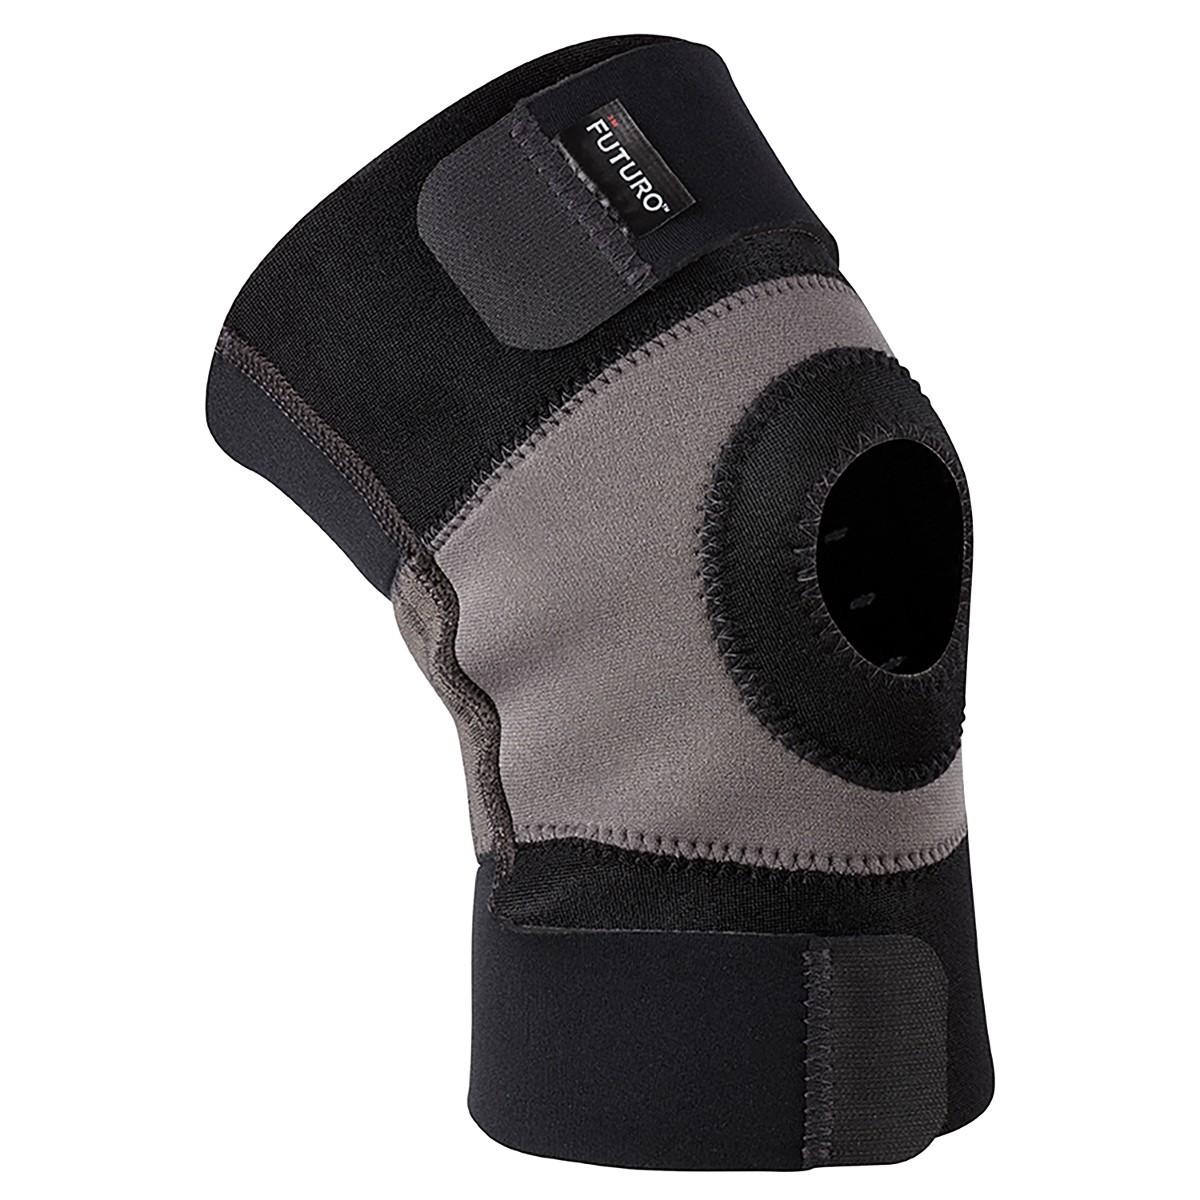 0b238c408c3588 Futuro™ Sport Stabilizator kolana ze wzmocnieniem rzepki rozmiar M czarny,  1 sztuka